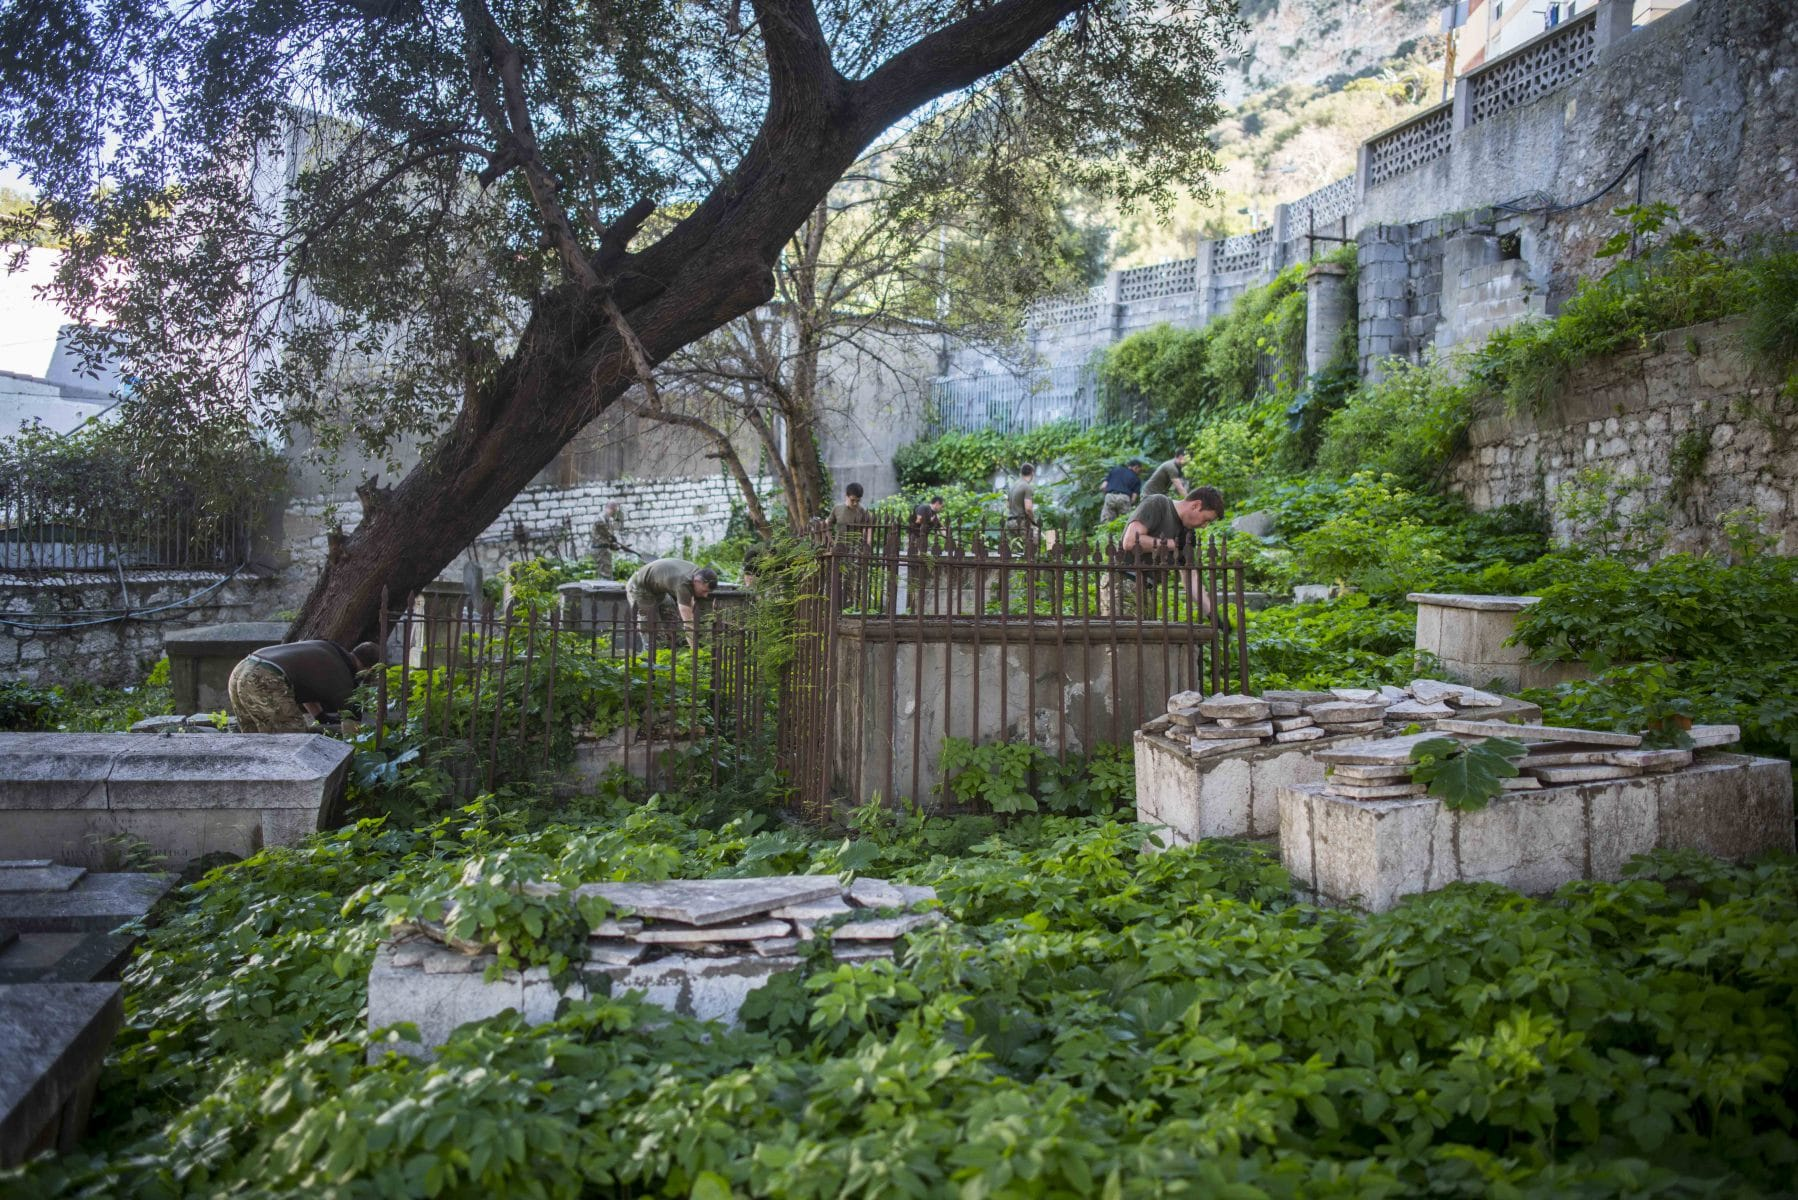 restauracin-cementerio-witham-12_25359117872_o